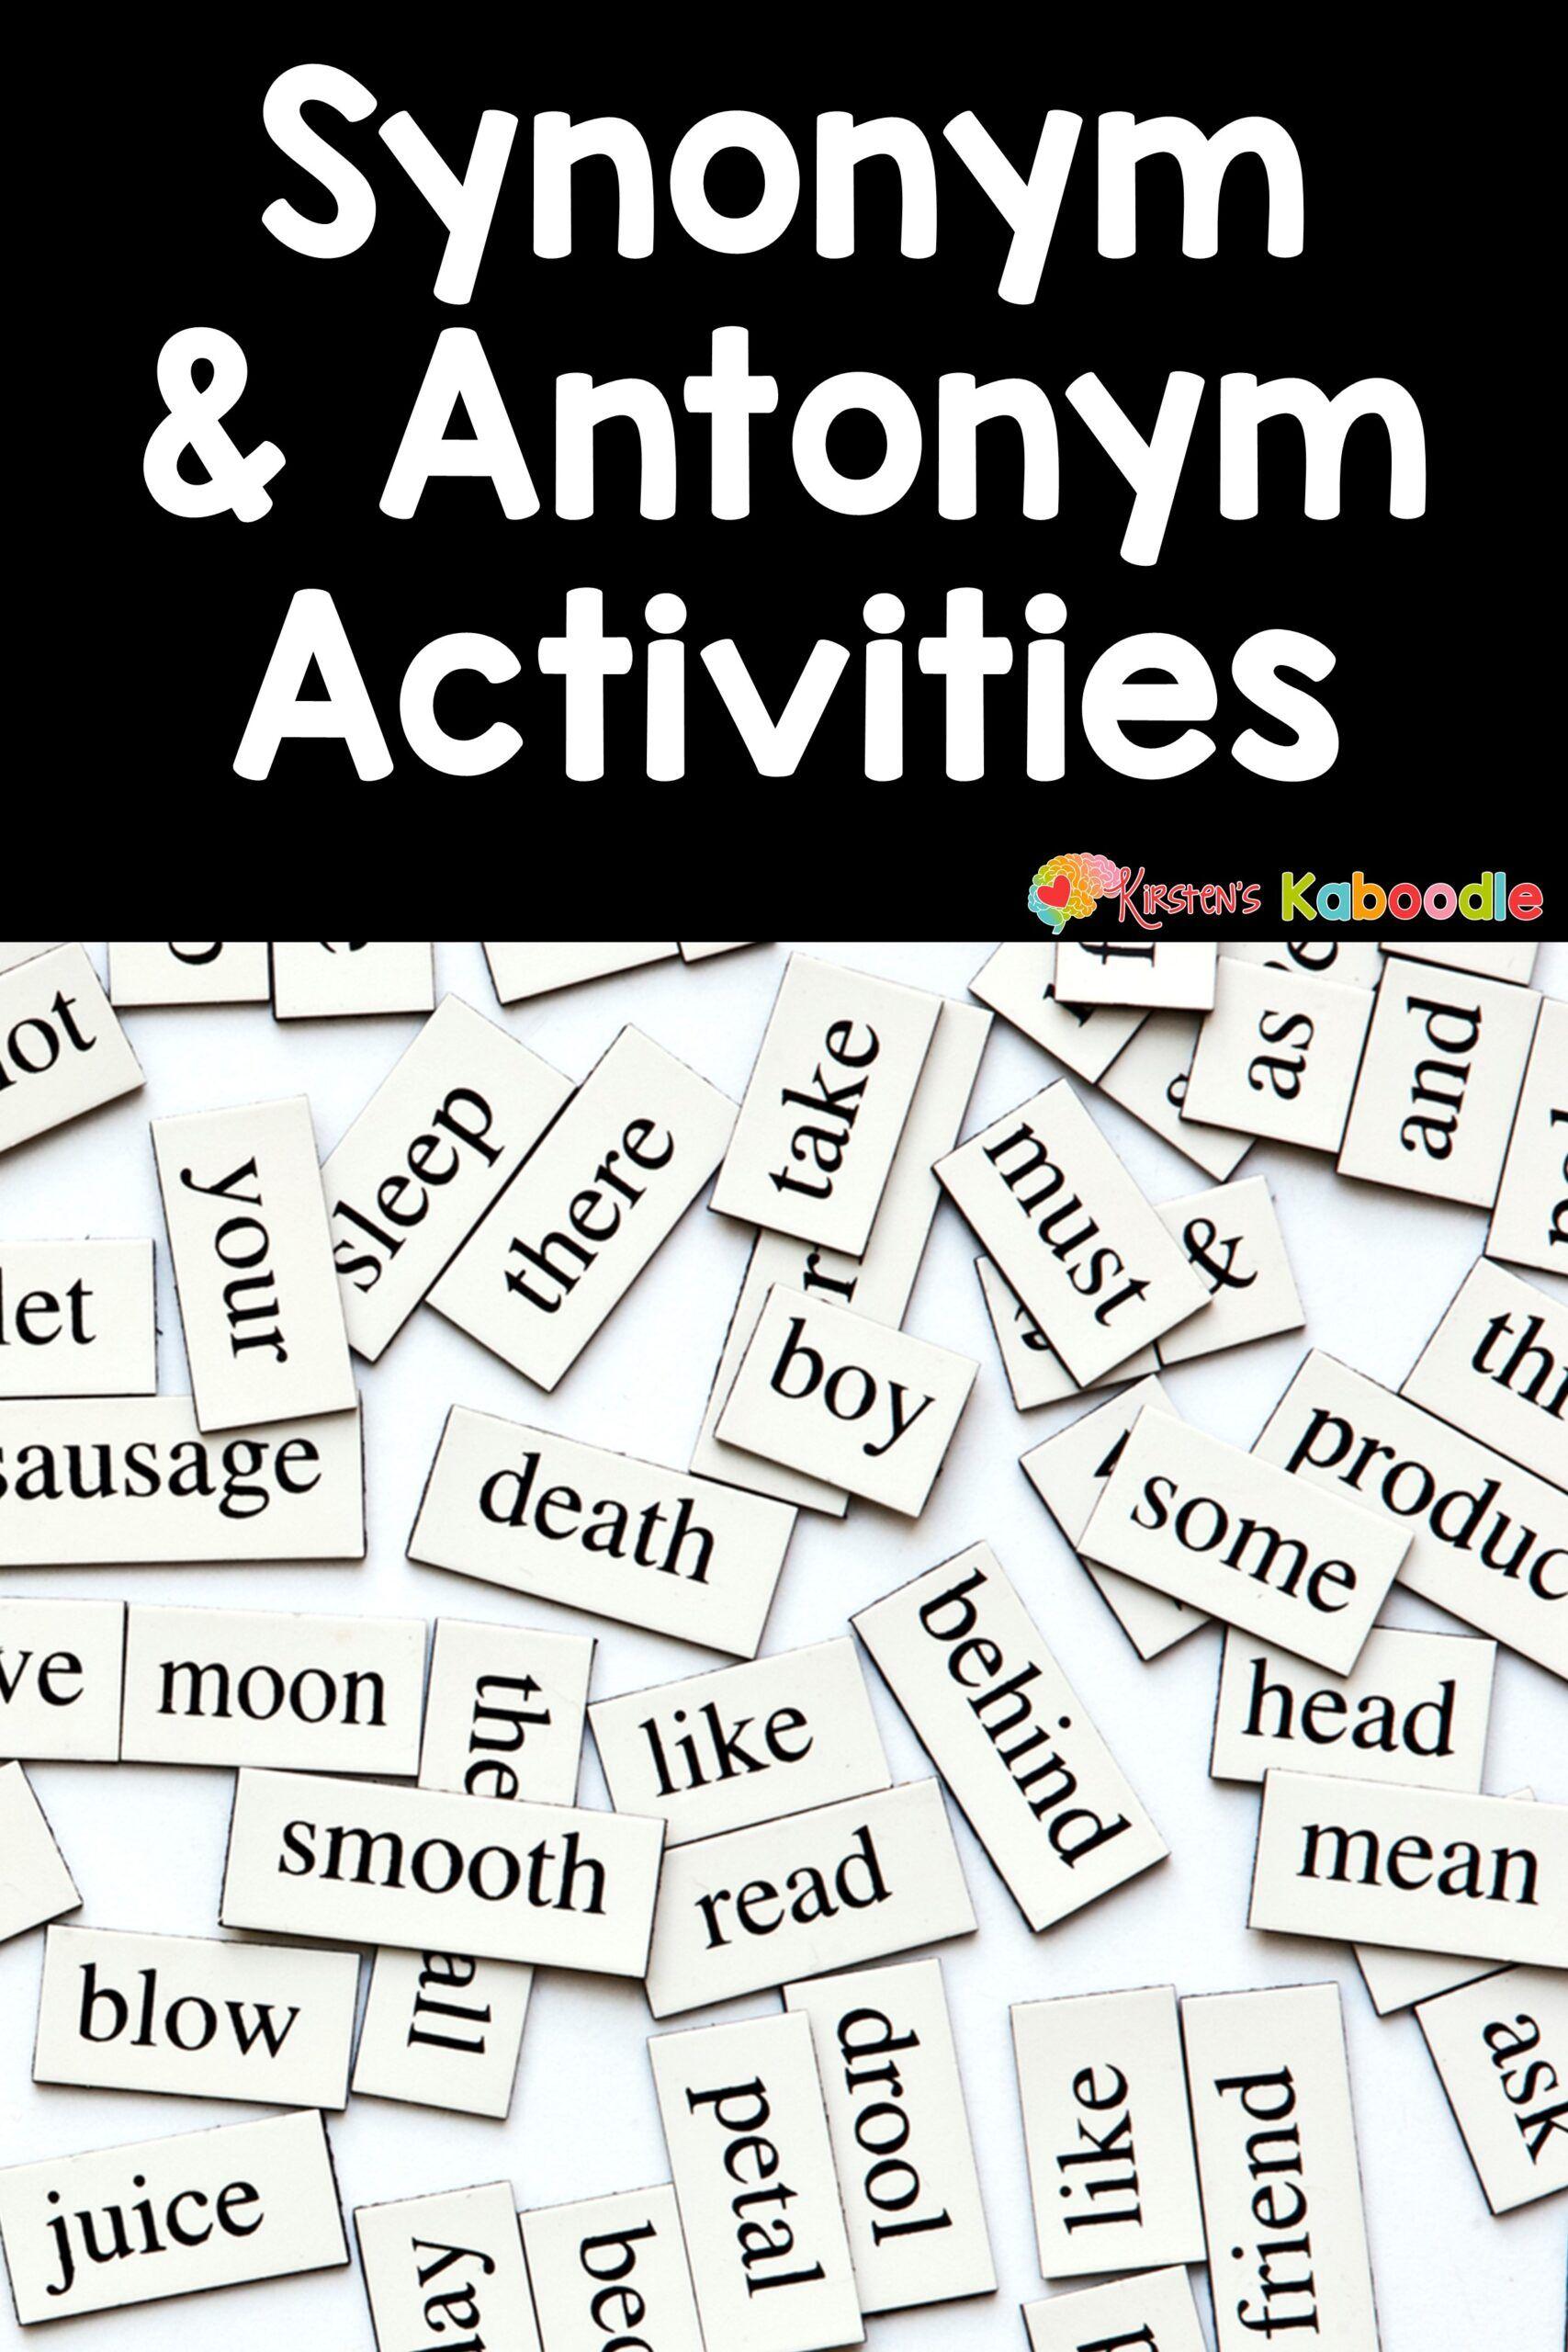 The Synonym And Antonym Worksheet Debate In 2021 Synonyms And Antonyms Antonyms Worksheet Synonyms And Antonyms Words